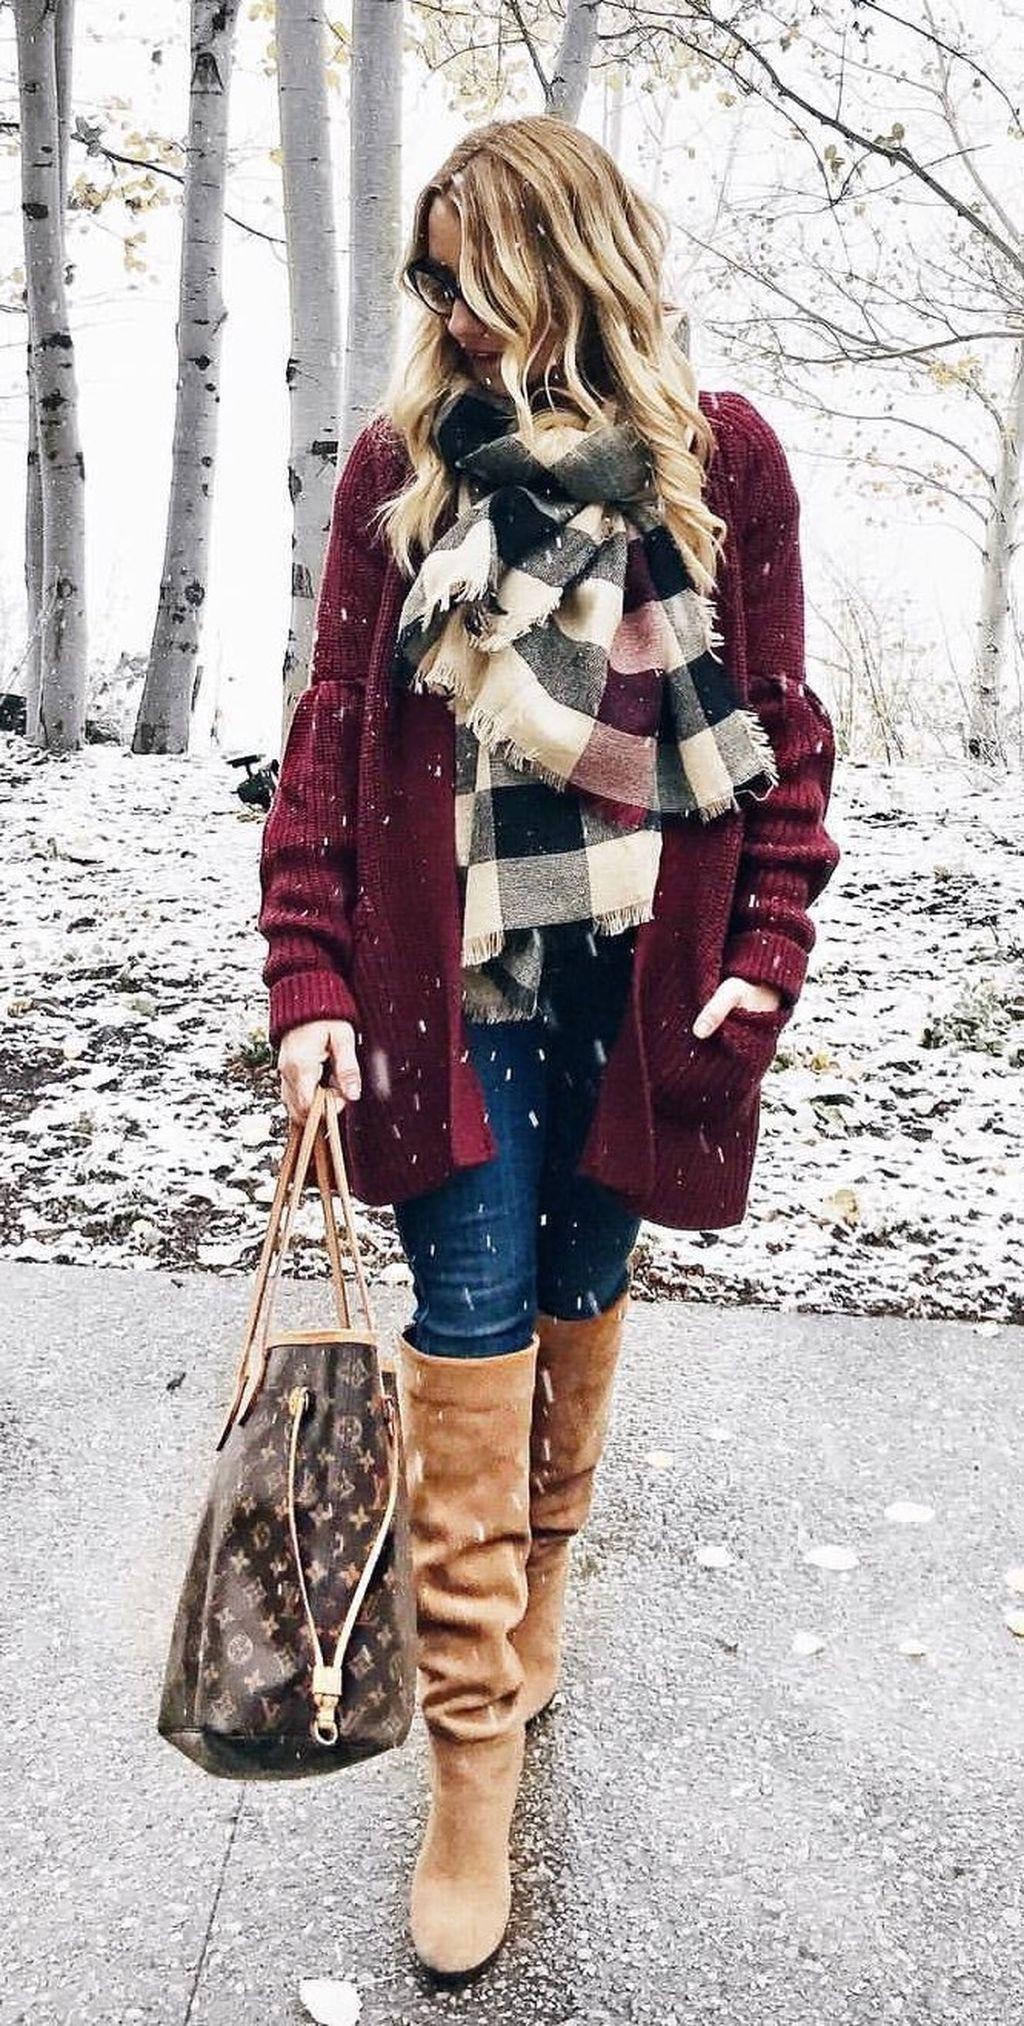 41 Cute Women Winter Outfit Ideas 2018 | Winter, Summer dresses